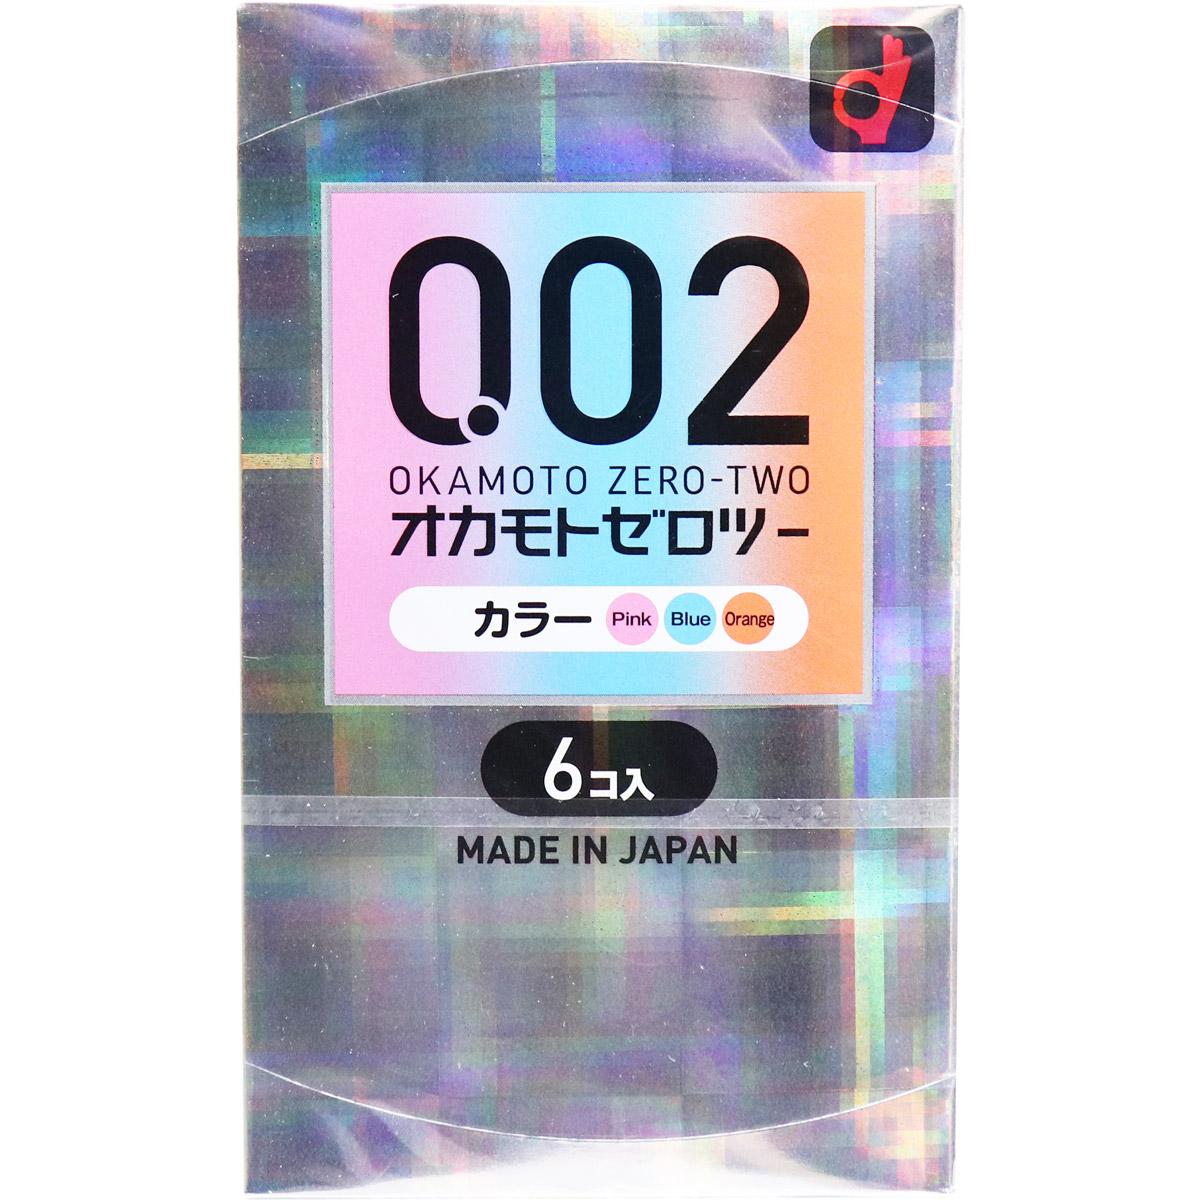 オカモトゼロツー カラー 0.02コンドーム 6個入